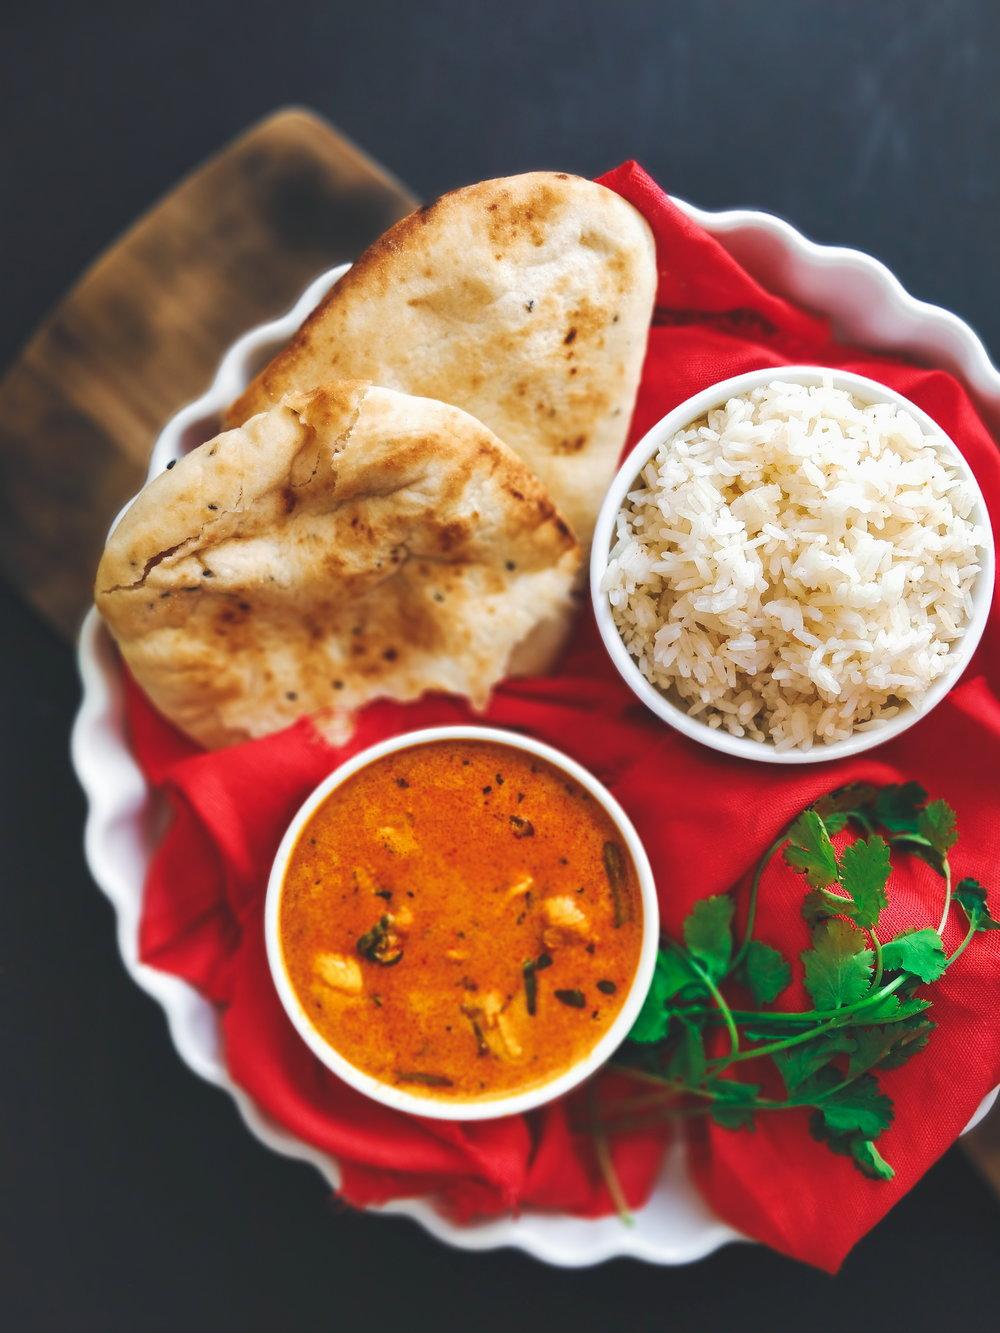 Naan placky a červené kuřecí kari - V naší domácnosti máme asijské jídlo poměrně často, celkově totiž ani já ani Tim nemusíme tradiční středo a východo-evropskou kuchyni, takže vlastně neustále vymýšlím nová jídla inspirovaná zahraníčím. Toto thajské červené kari si Tim zamiloval když...